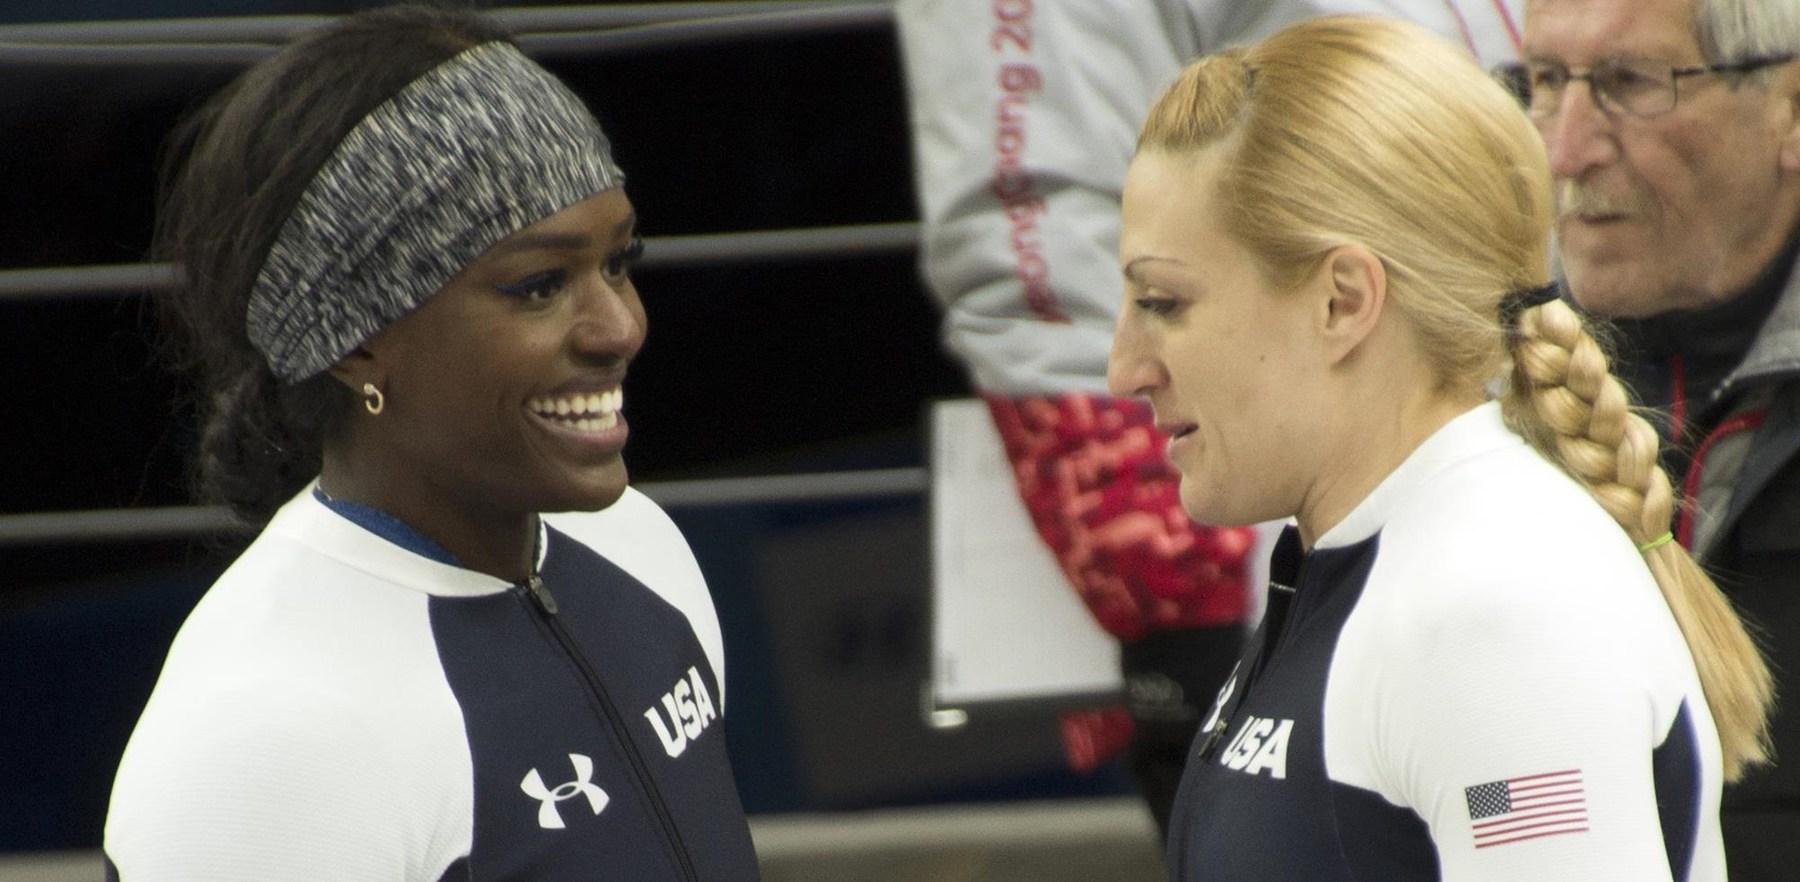 U.S.  bobsledders Aja Evans and Jamie Greubel Poser